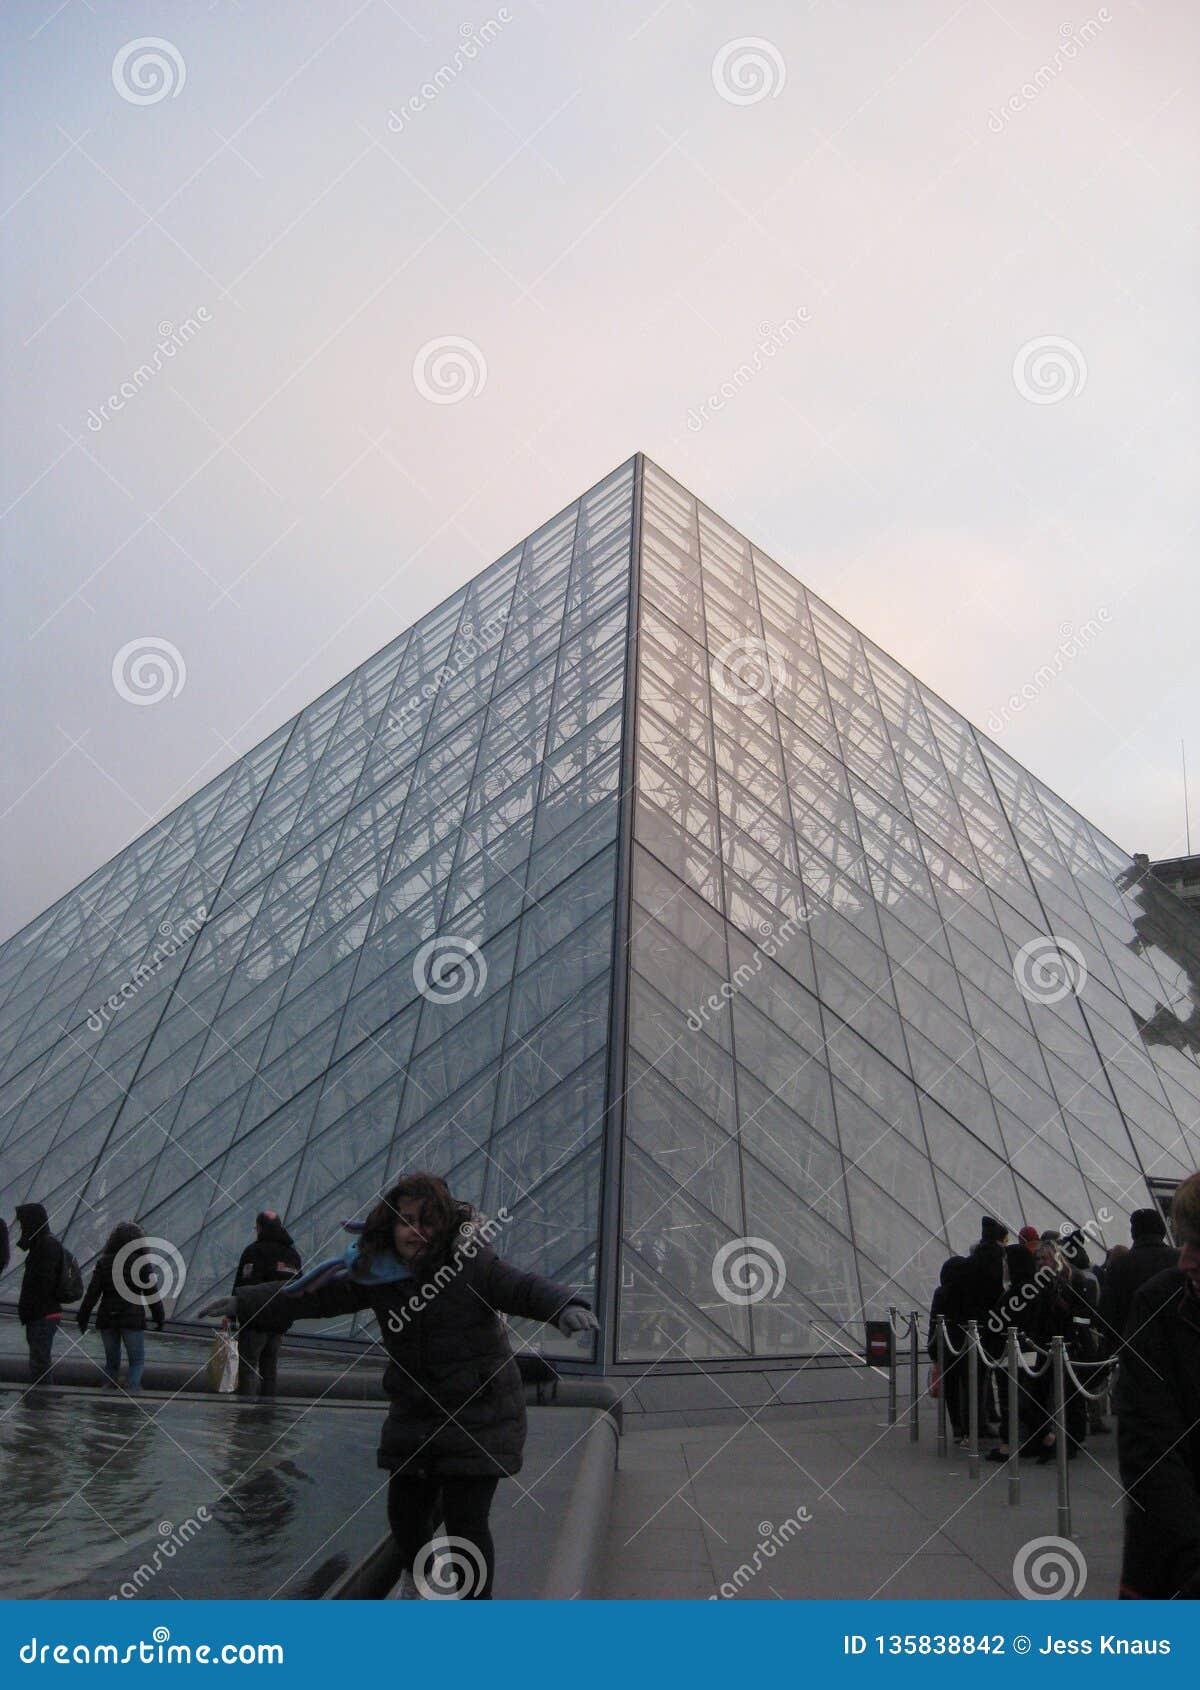 La piramide di vetro fuori del museo del Louvre, Parigi